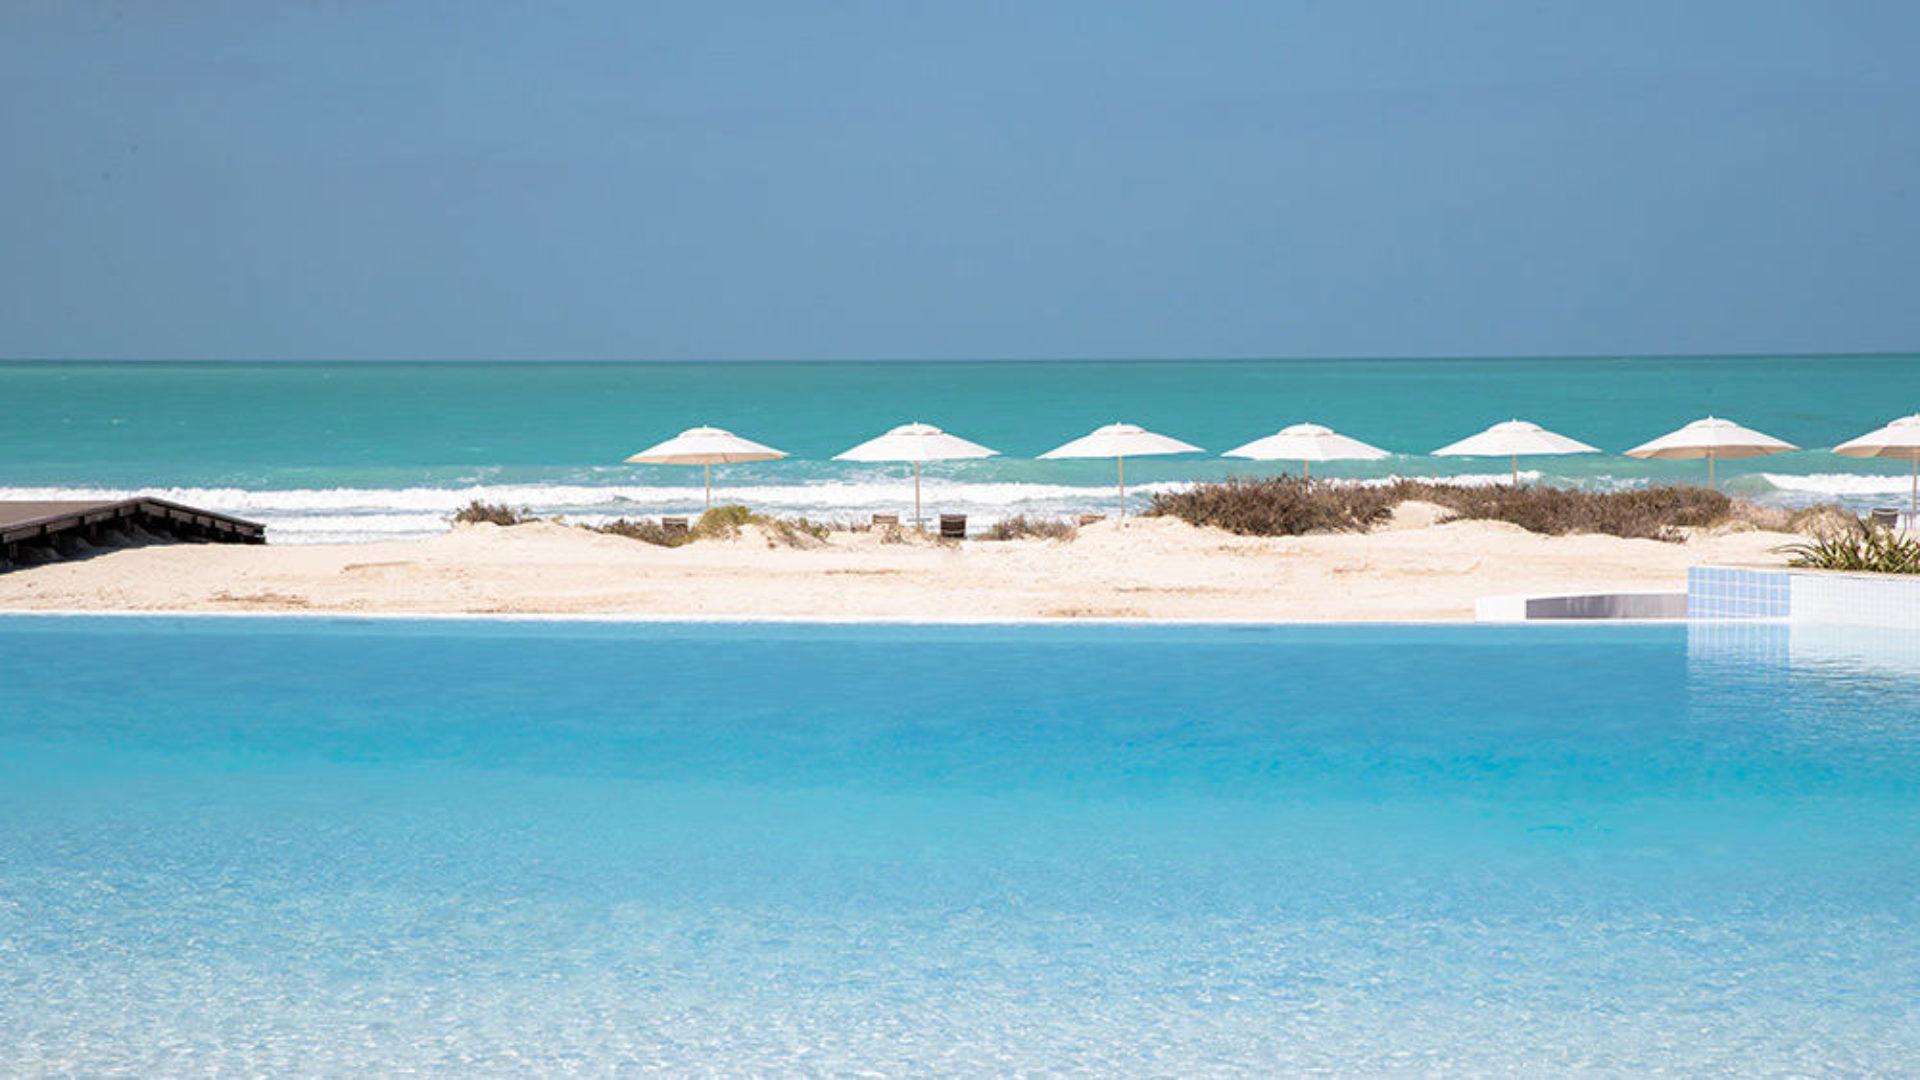 Infinity pool and beach at Jumeirah at Saadiyat Island